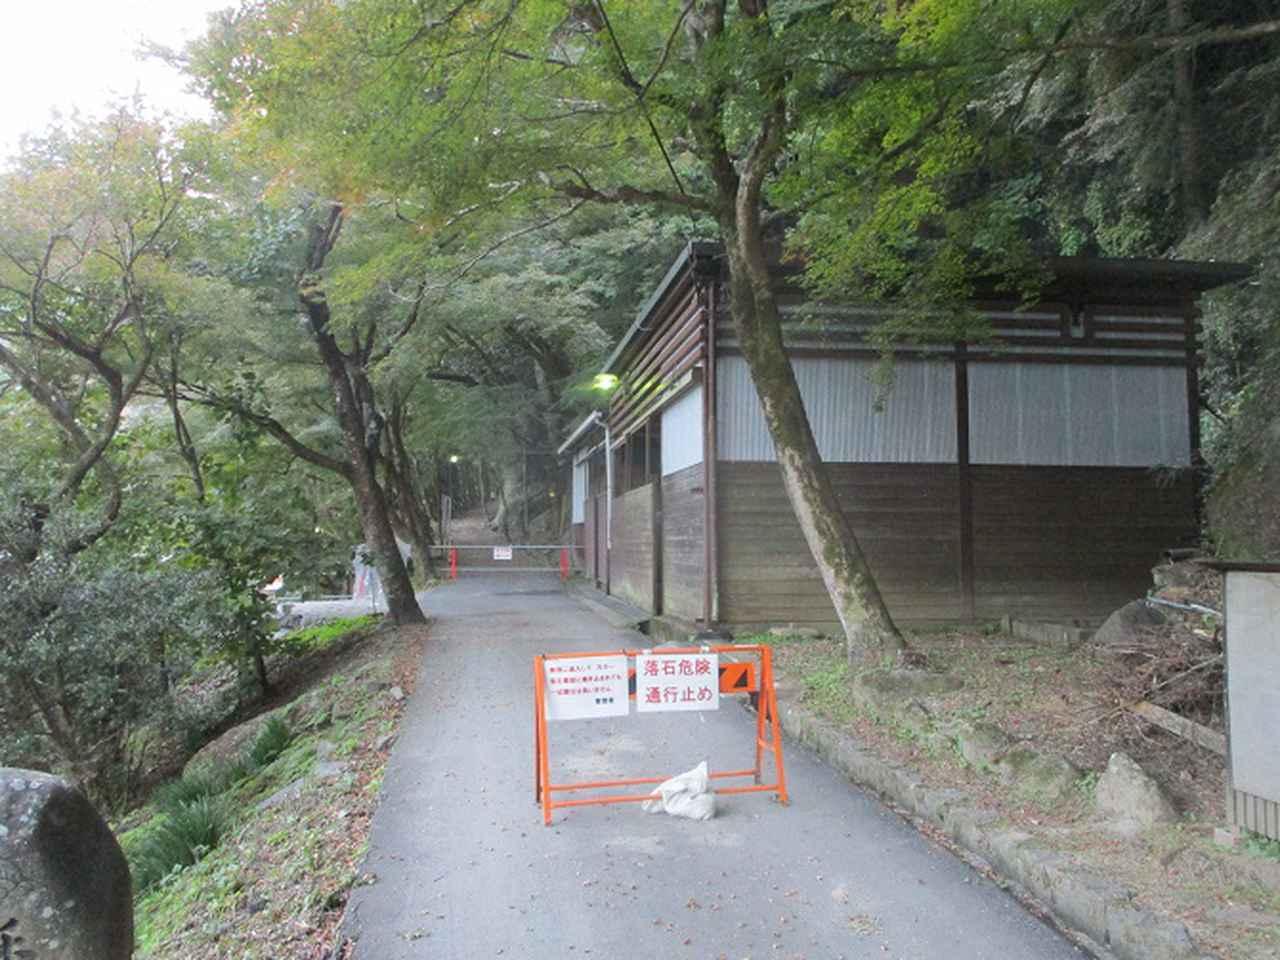 画像10: 11月の山旅会「香嵐渓と鳳来寺山」の下見に行ってきました!